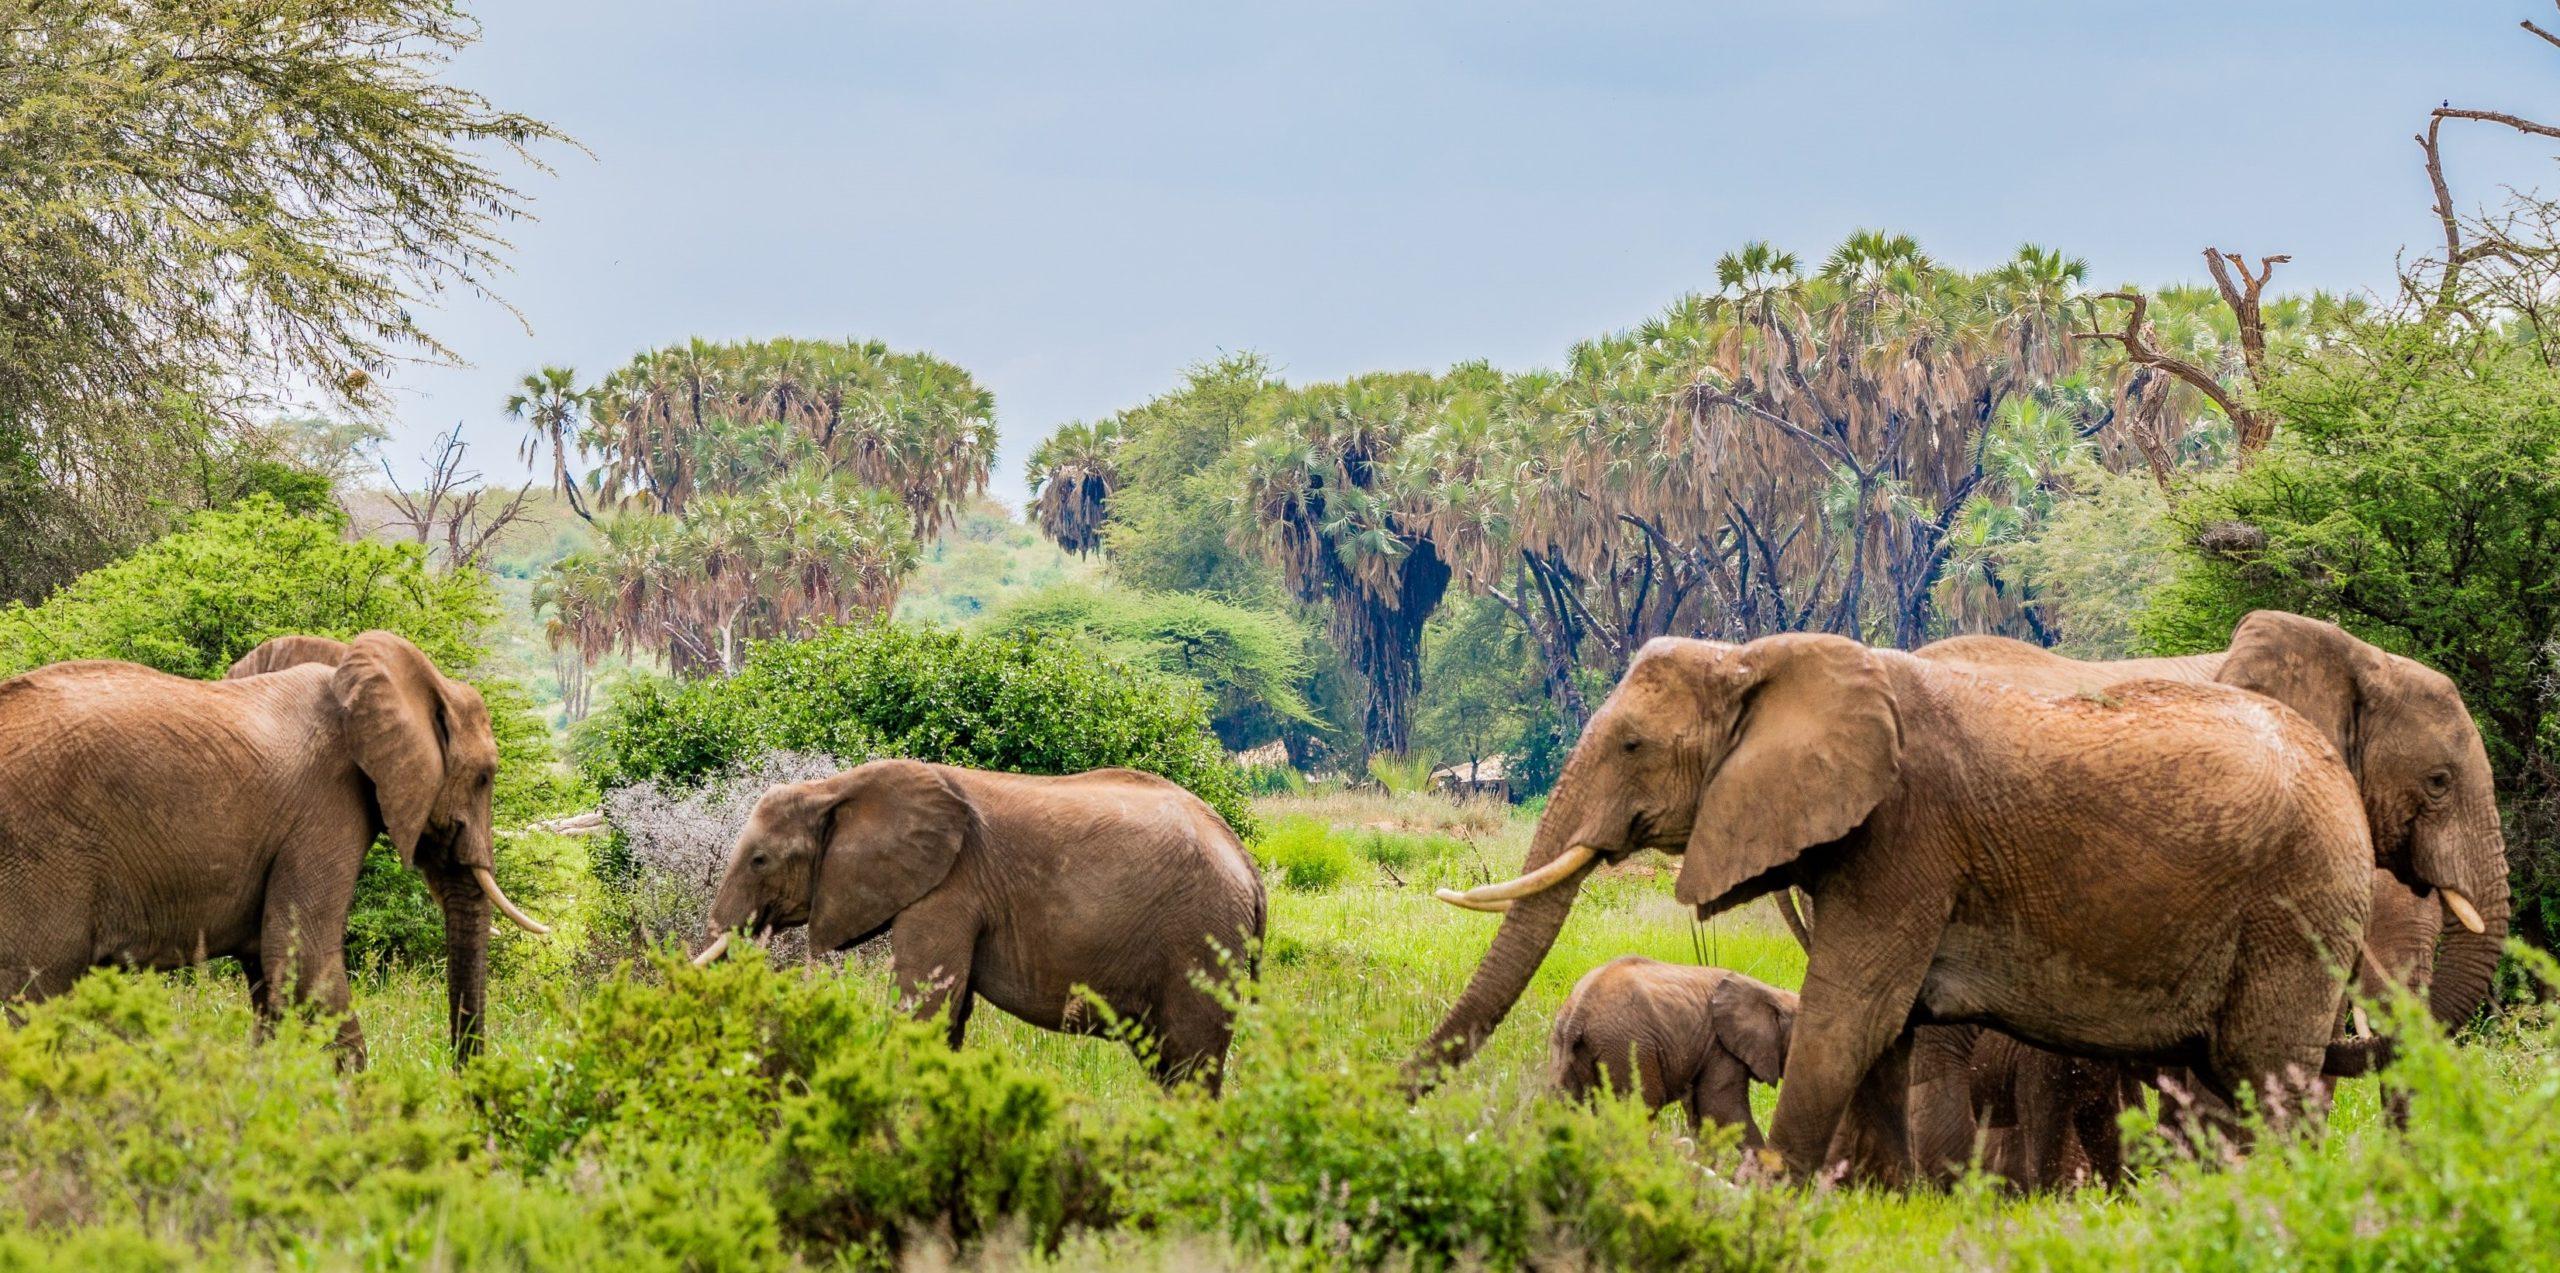 Troupeau d'éléphants dans un parc naturel au Kenya